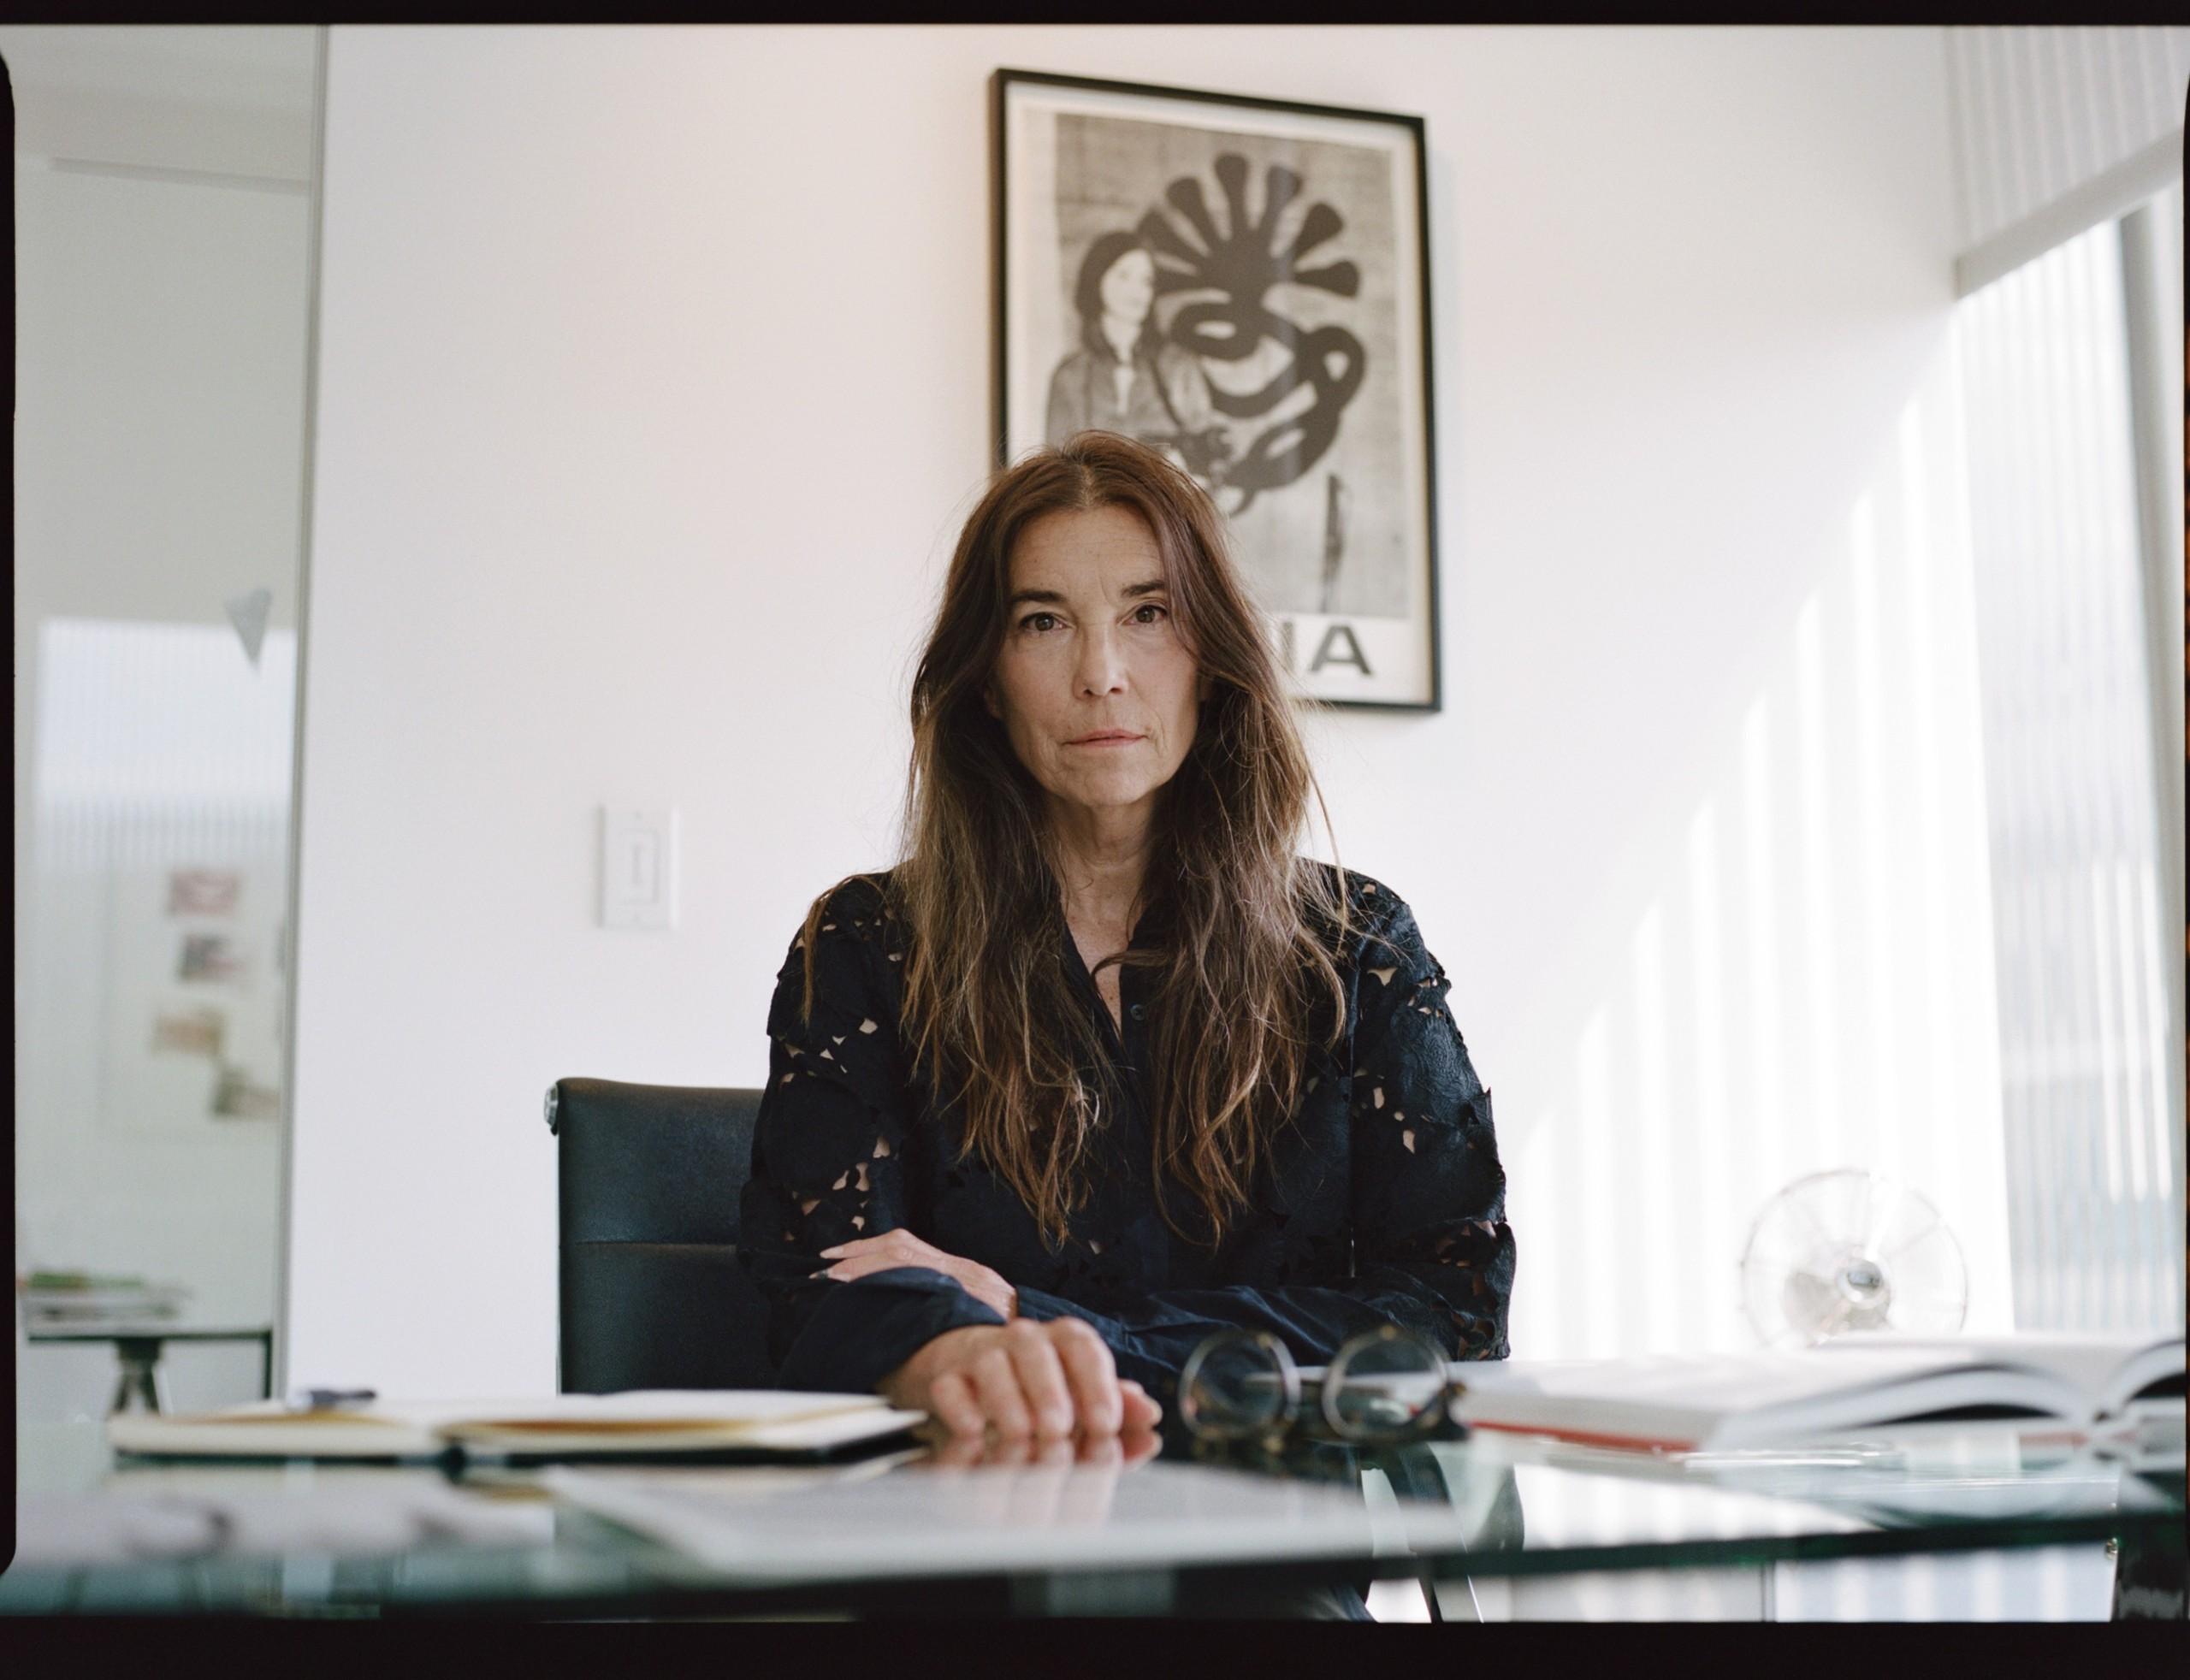 Art dealer sitting at her desk